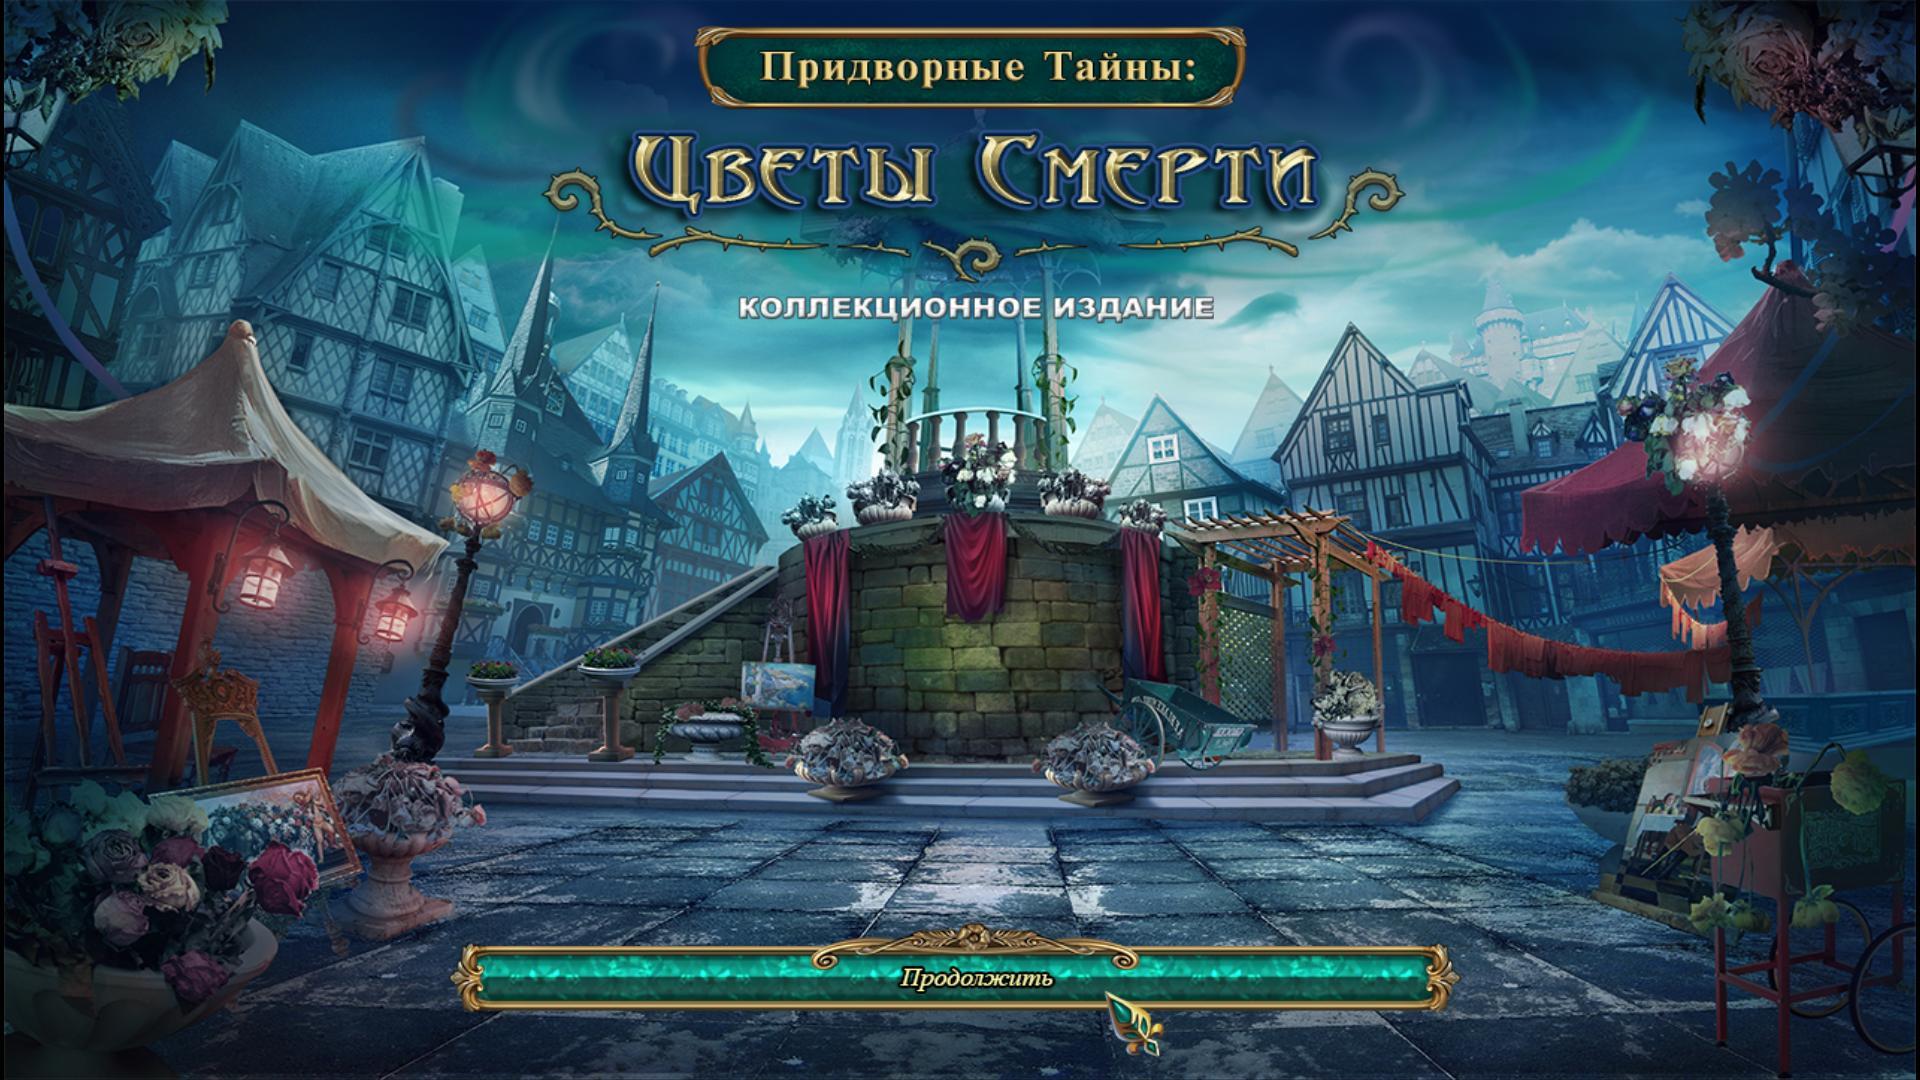 Придворные тайны 3: Цветы смерти. Коллекционное издание | European Mystery 3: Flowers of Death CE (Rus)